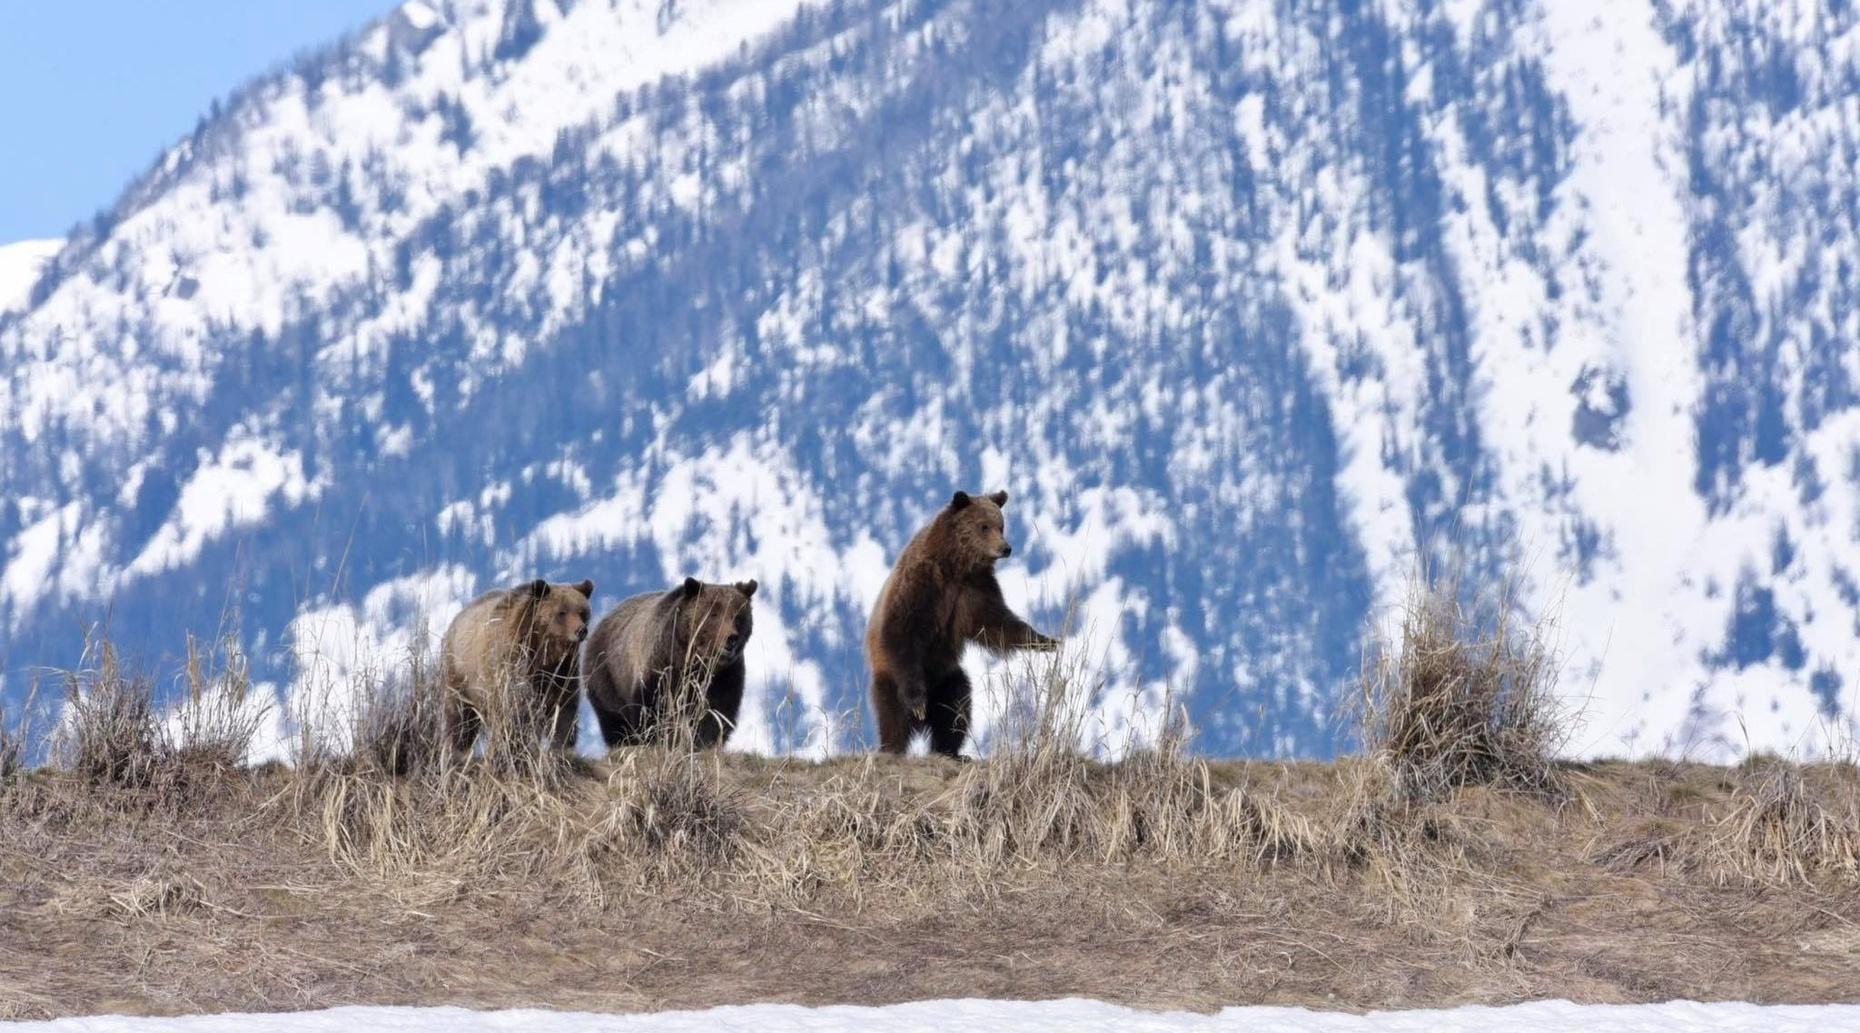 Full-Day Yellowstone Tour